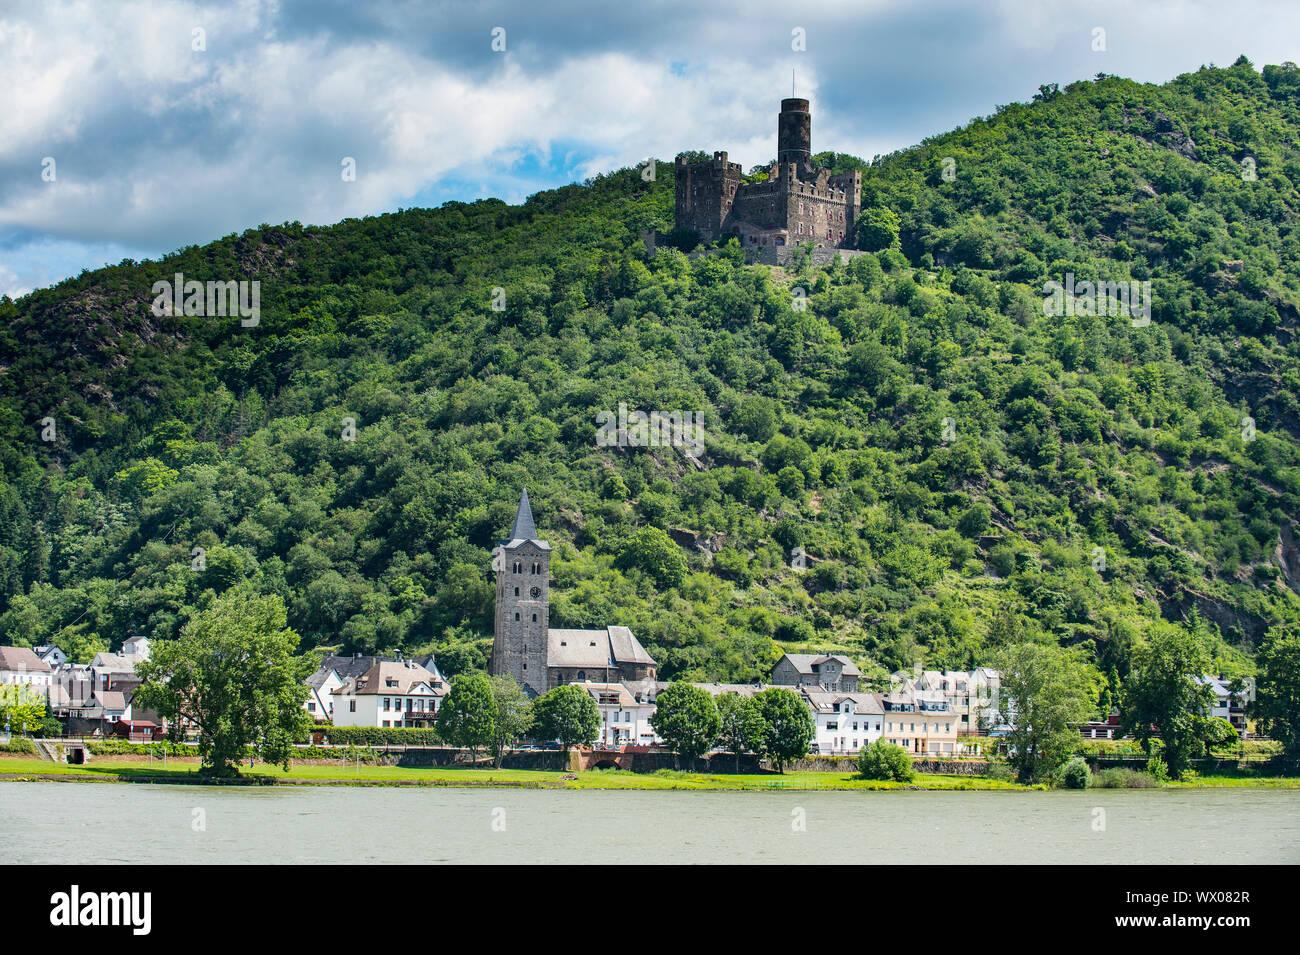 Castello Maus che si affaccia sul fiume Reno, Sito Patrimonio Mondiale dell'UNESCO, valle del medio Reno, Renania-Palatinato, Germania, Europa Foto Stock